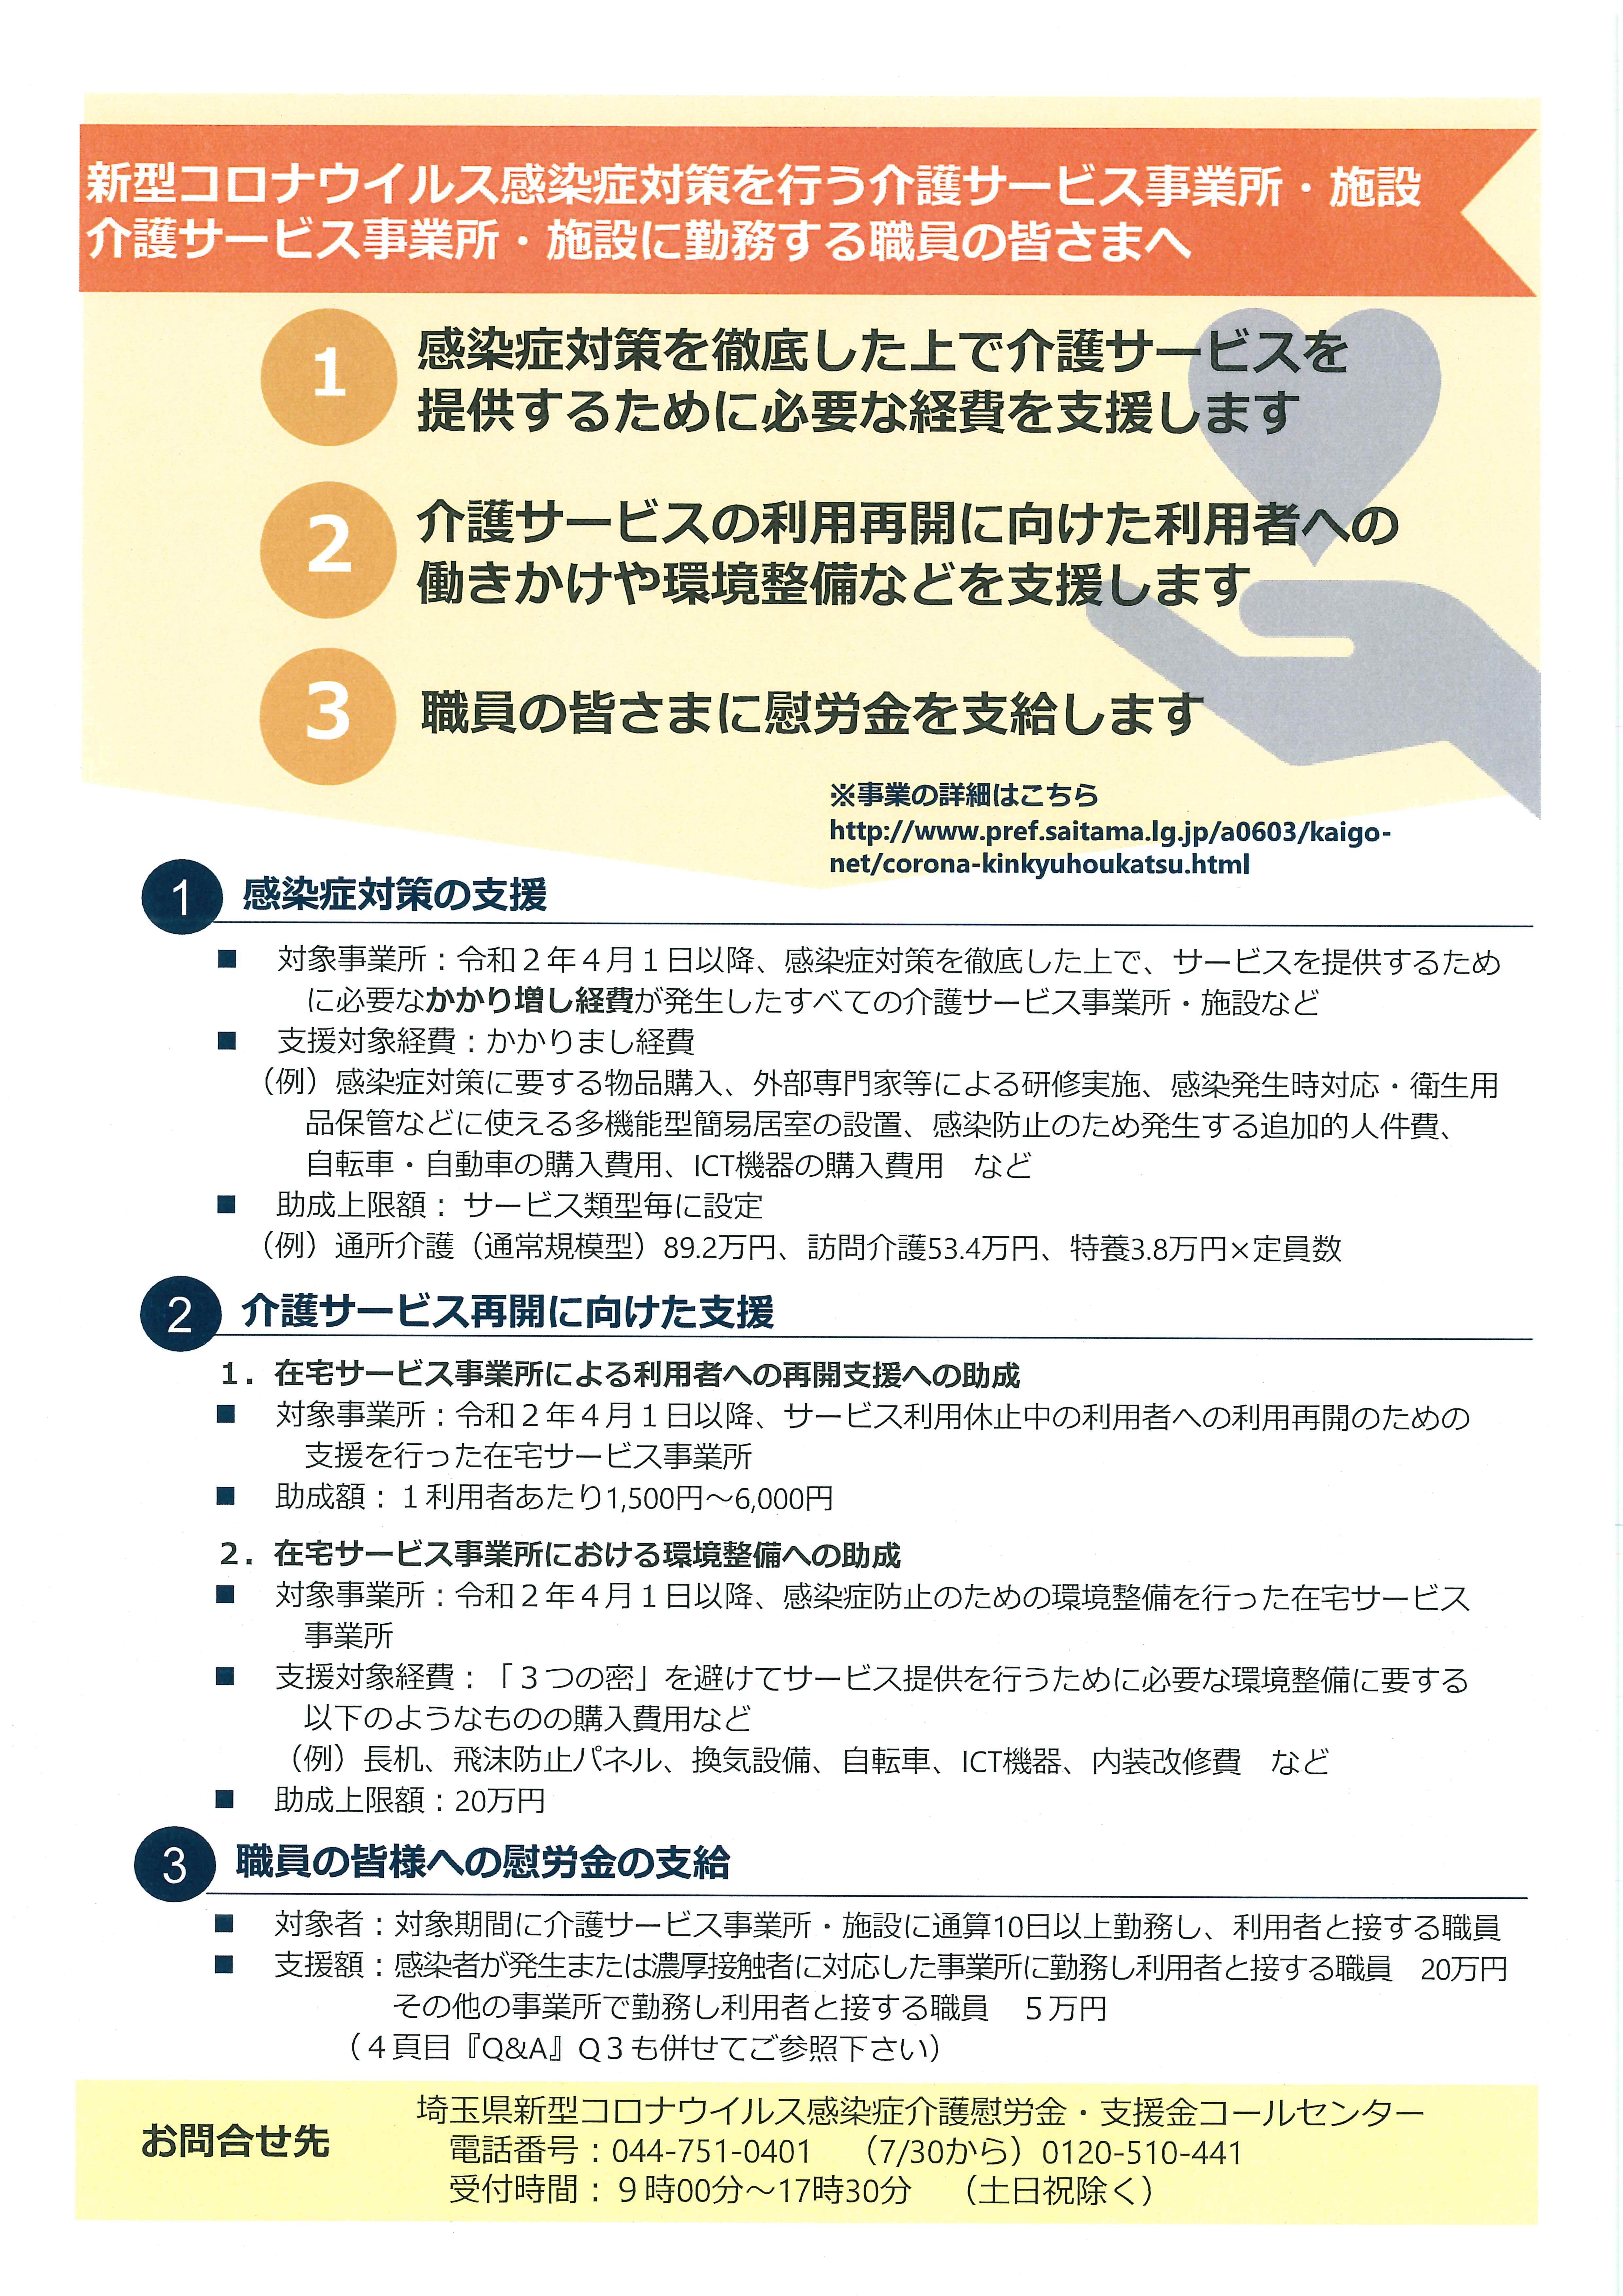 ウイルス 埼玉 県 者 人数 感染 コロナ